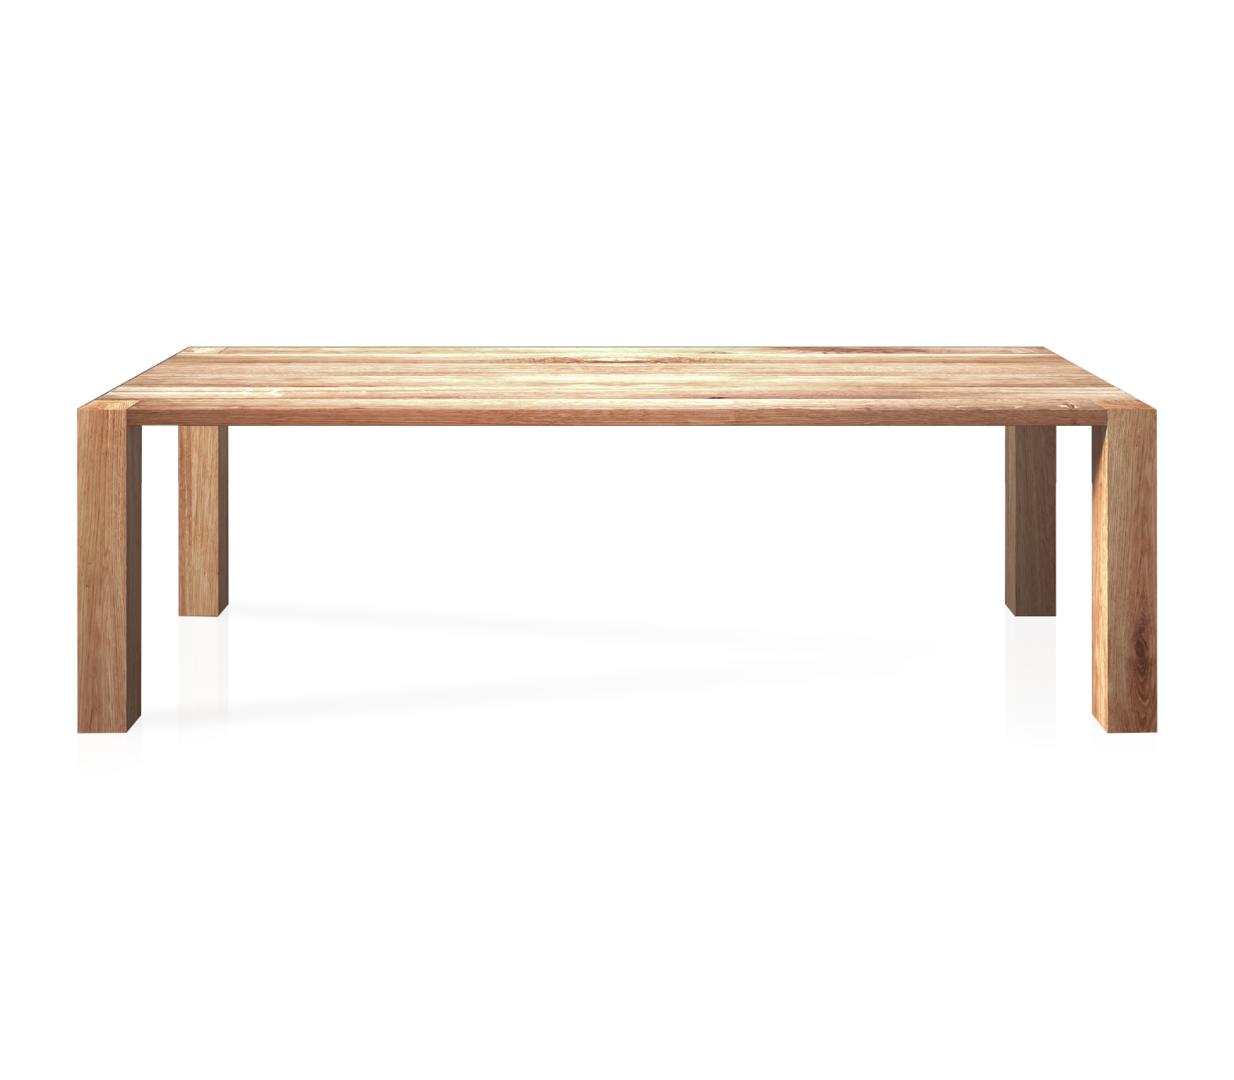 KF-Furniture Tisch 2000 Dion zum Bestpreis kaufen | BUERADO